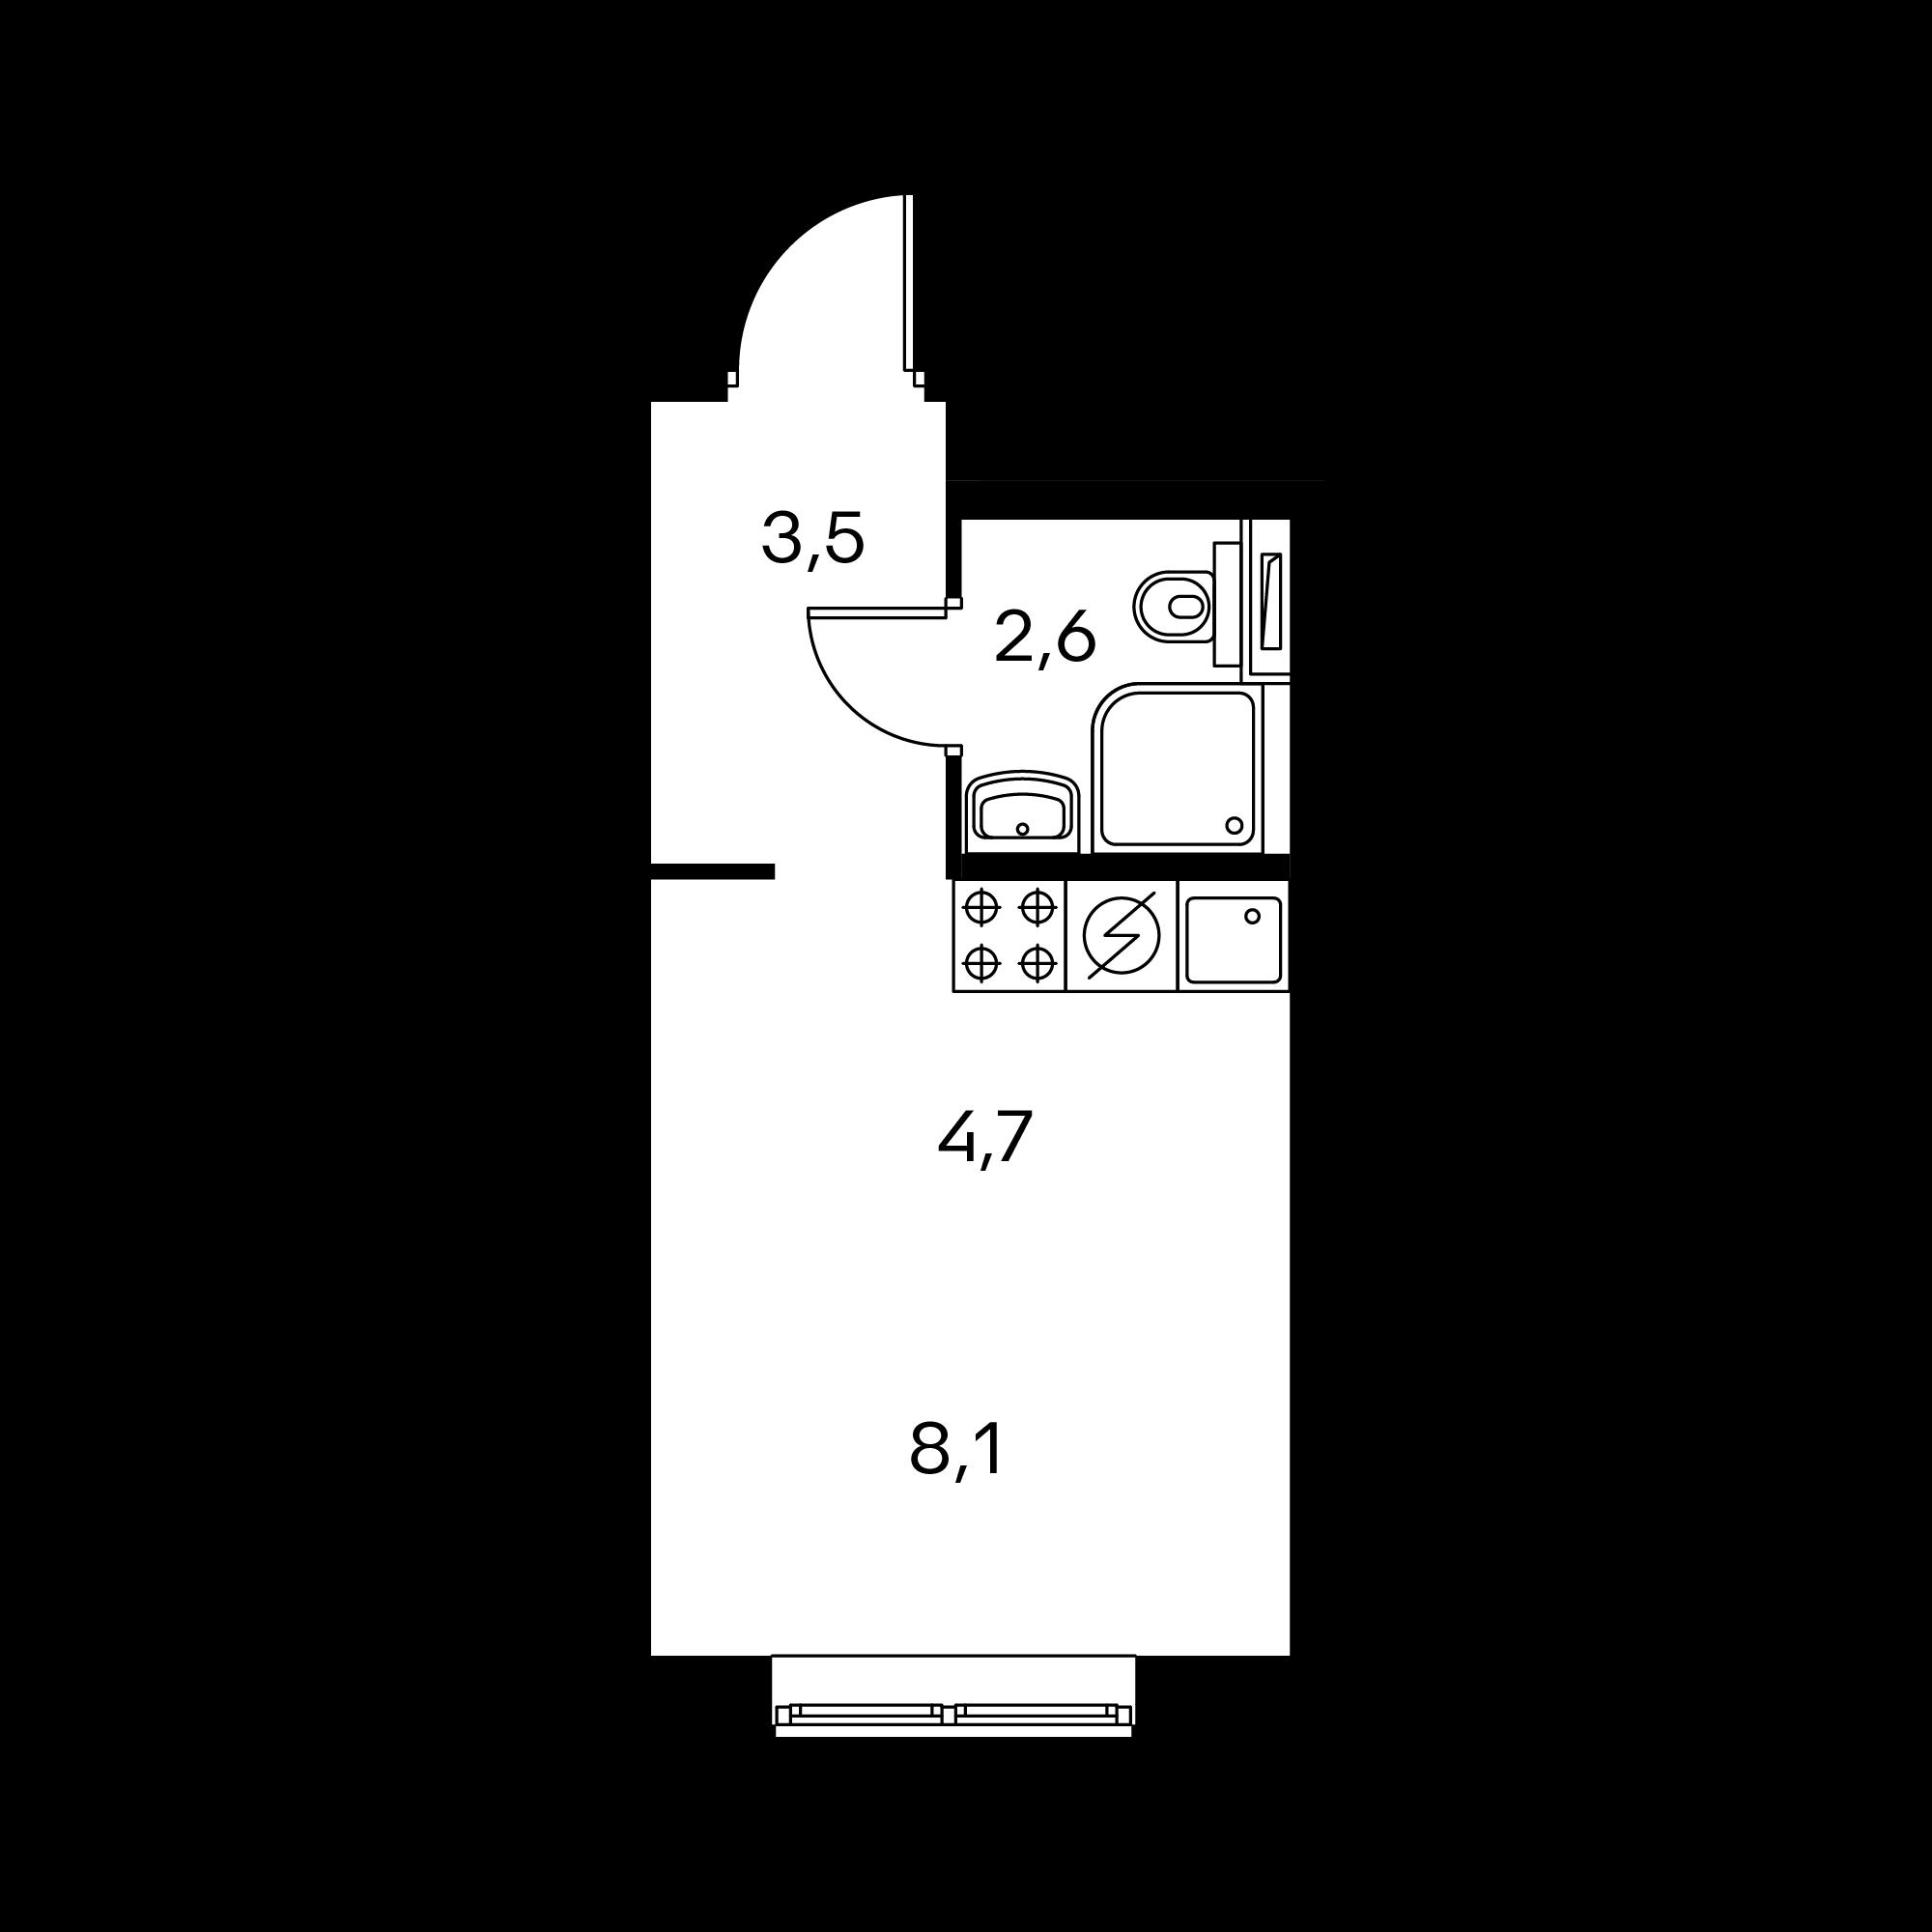 1NS2_3.45-1SZ